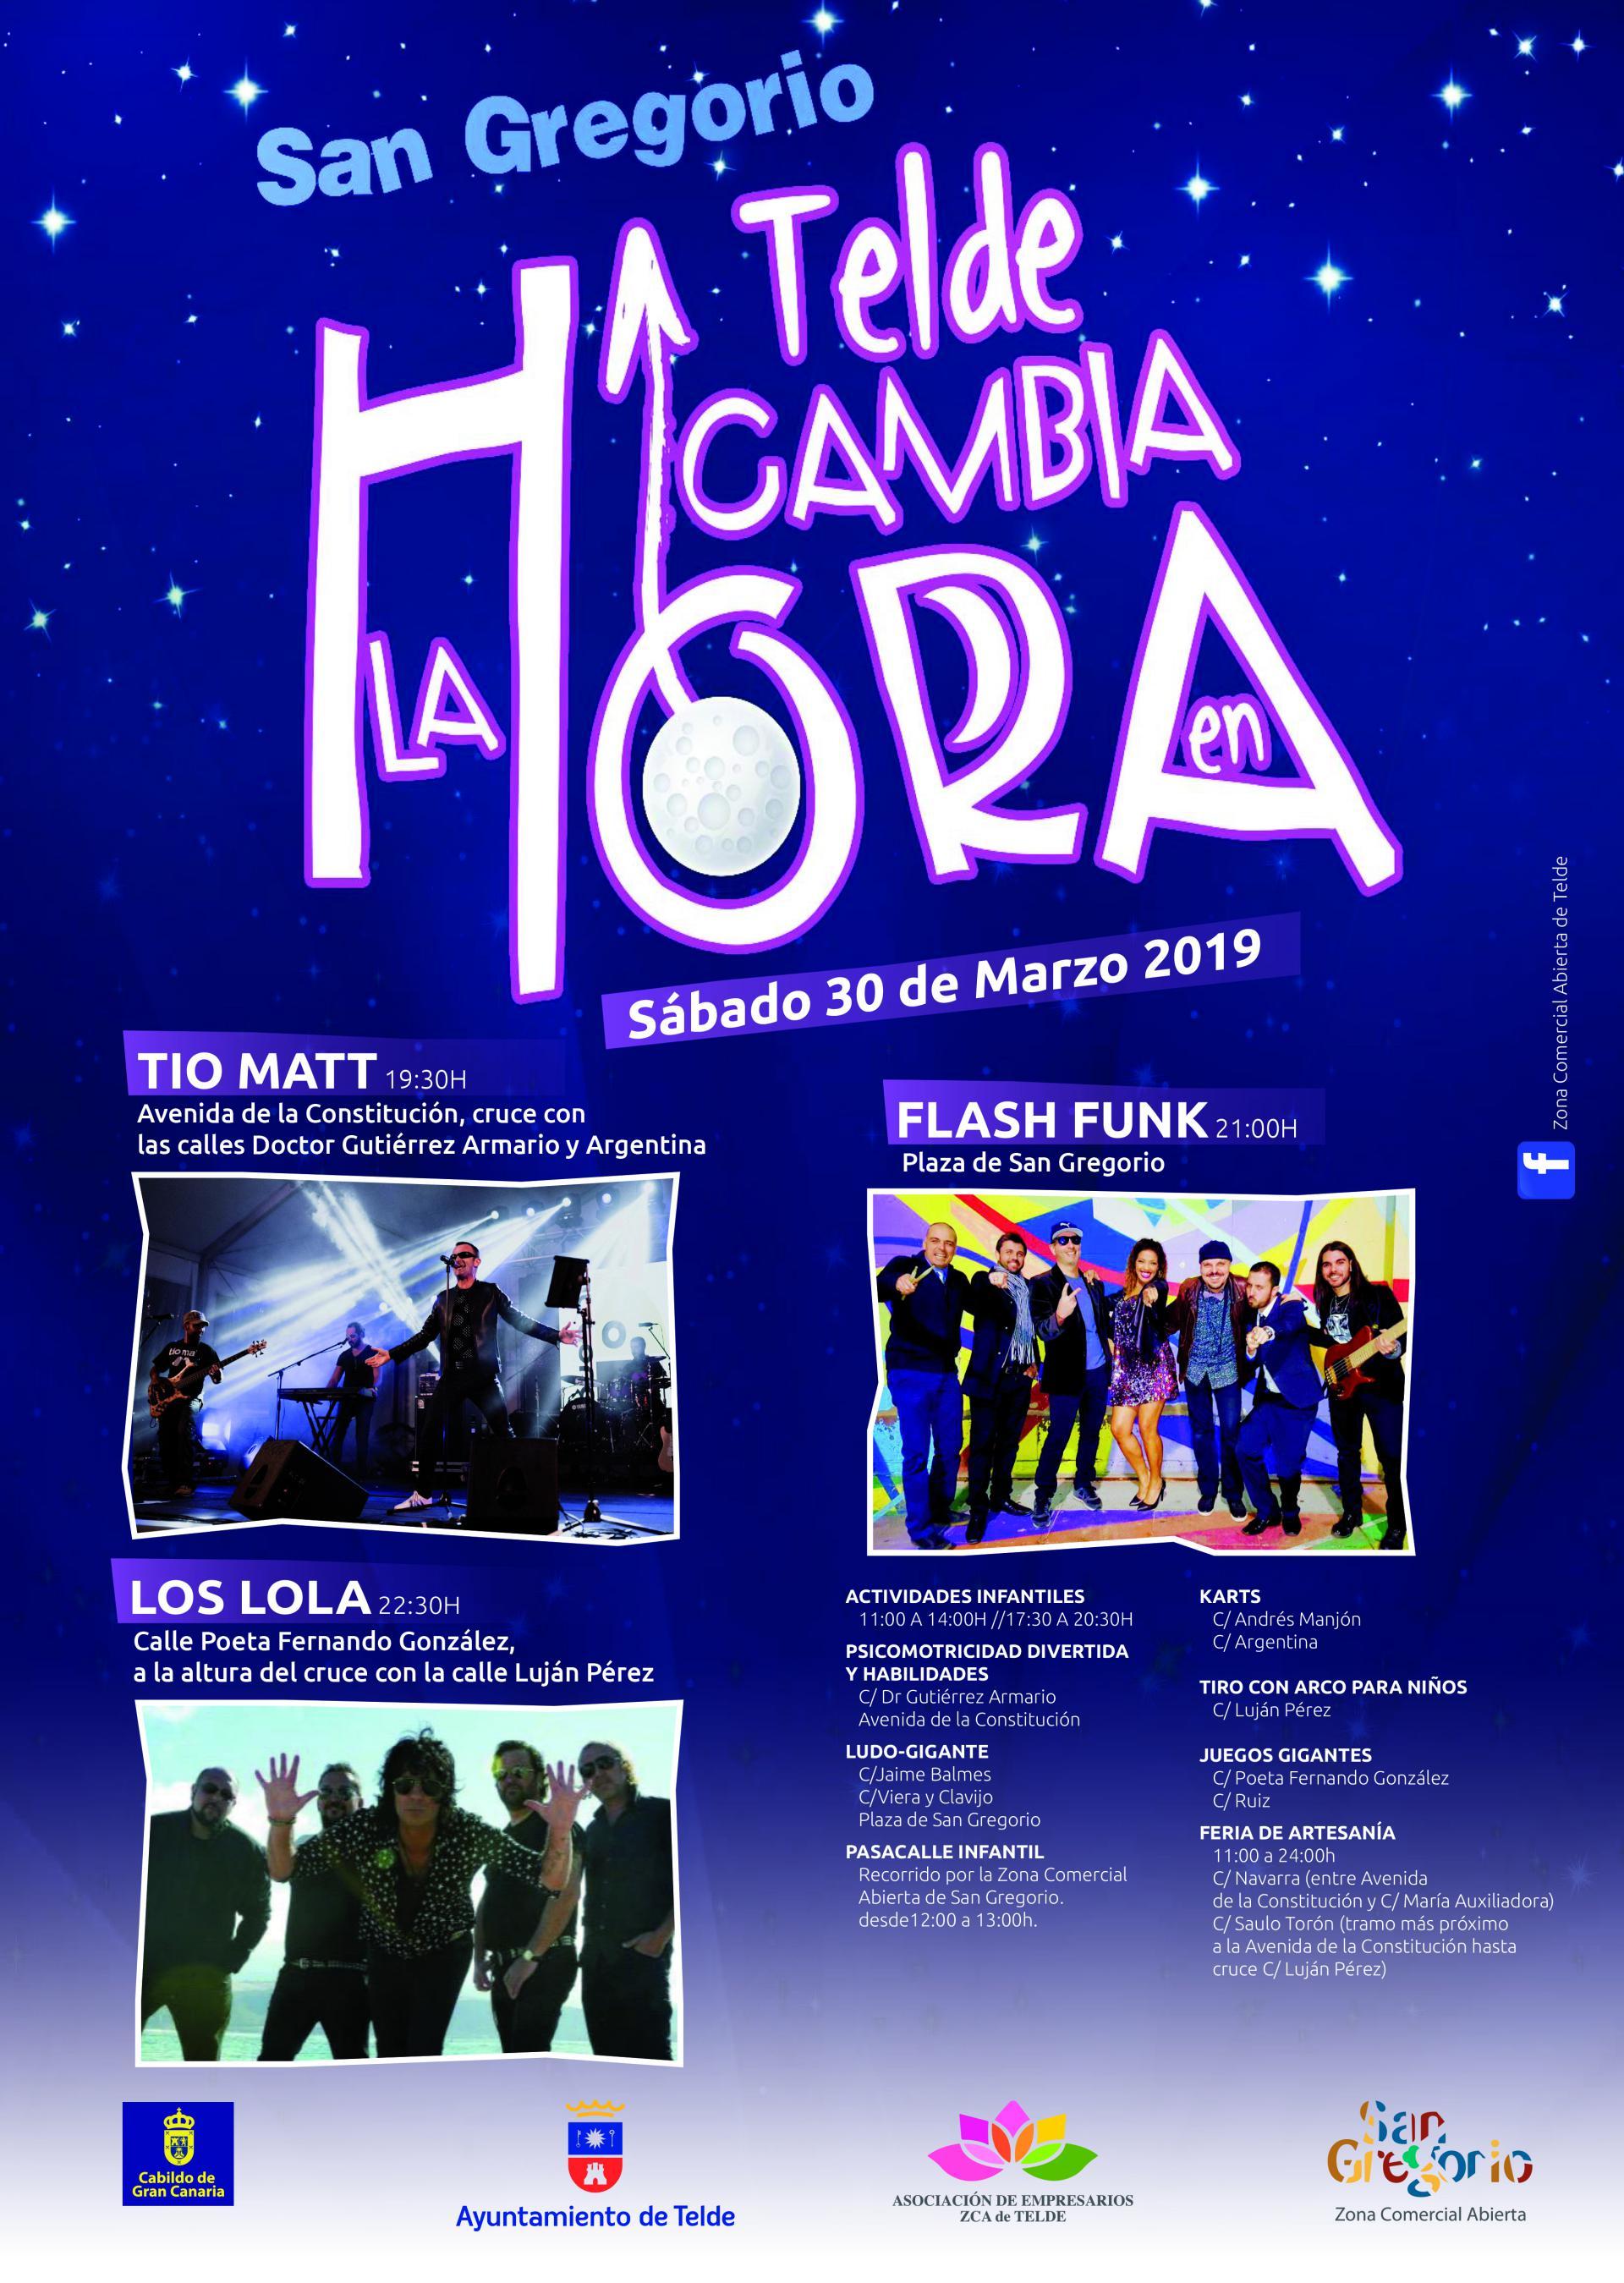 Cartel-Telde-cambia-la-hora-marzo-2019